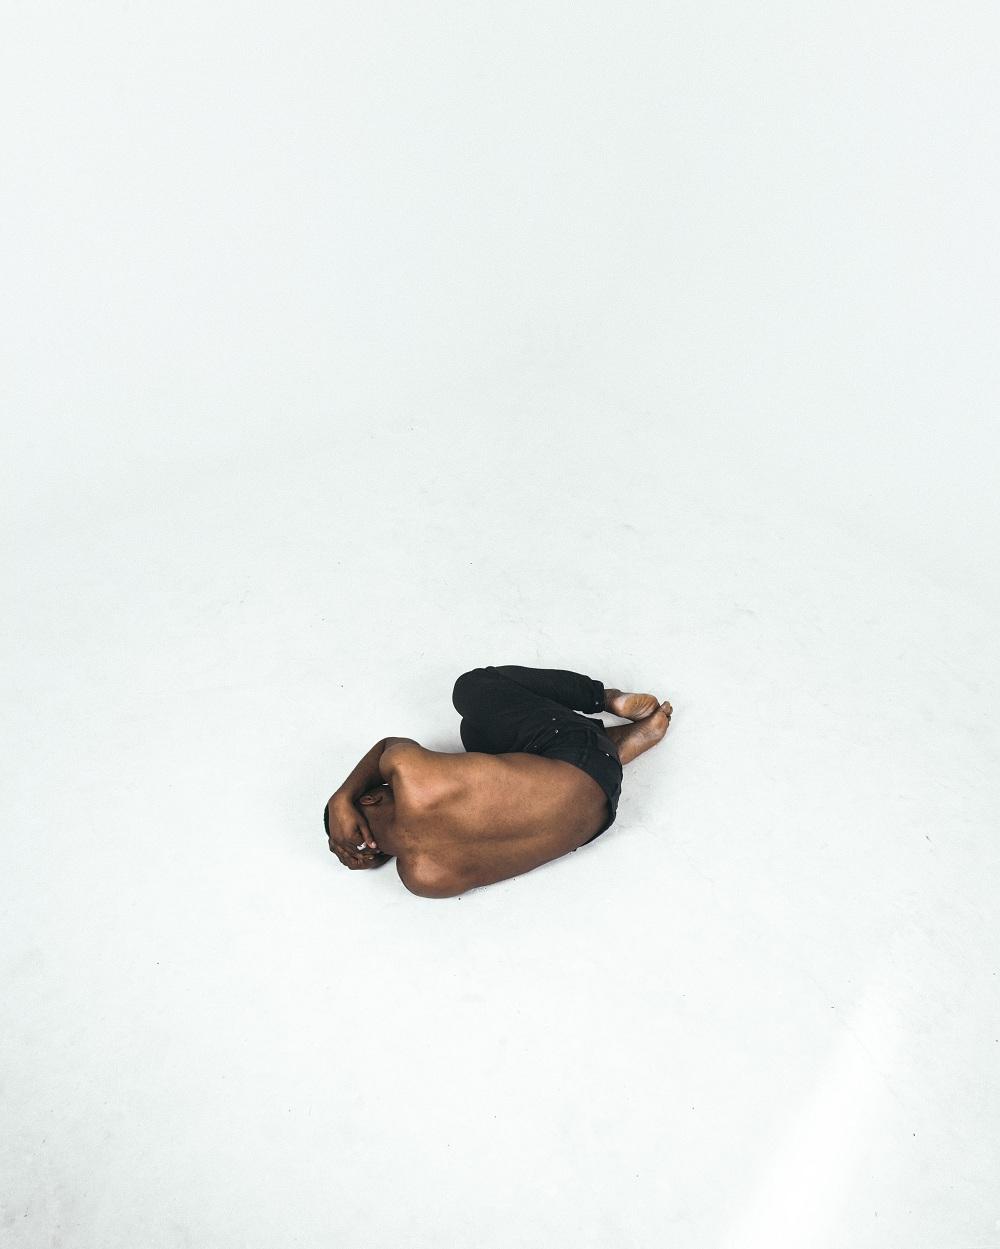 persona negra tumbada cogiéndose la cabeza con angustia porque tiene personalidad adictiva